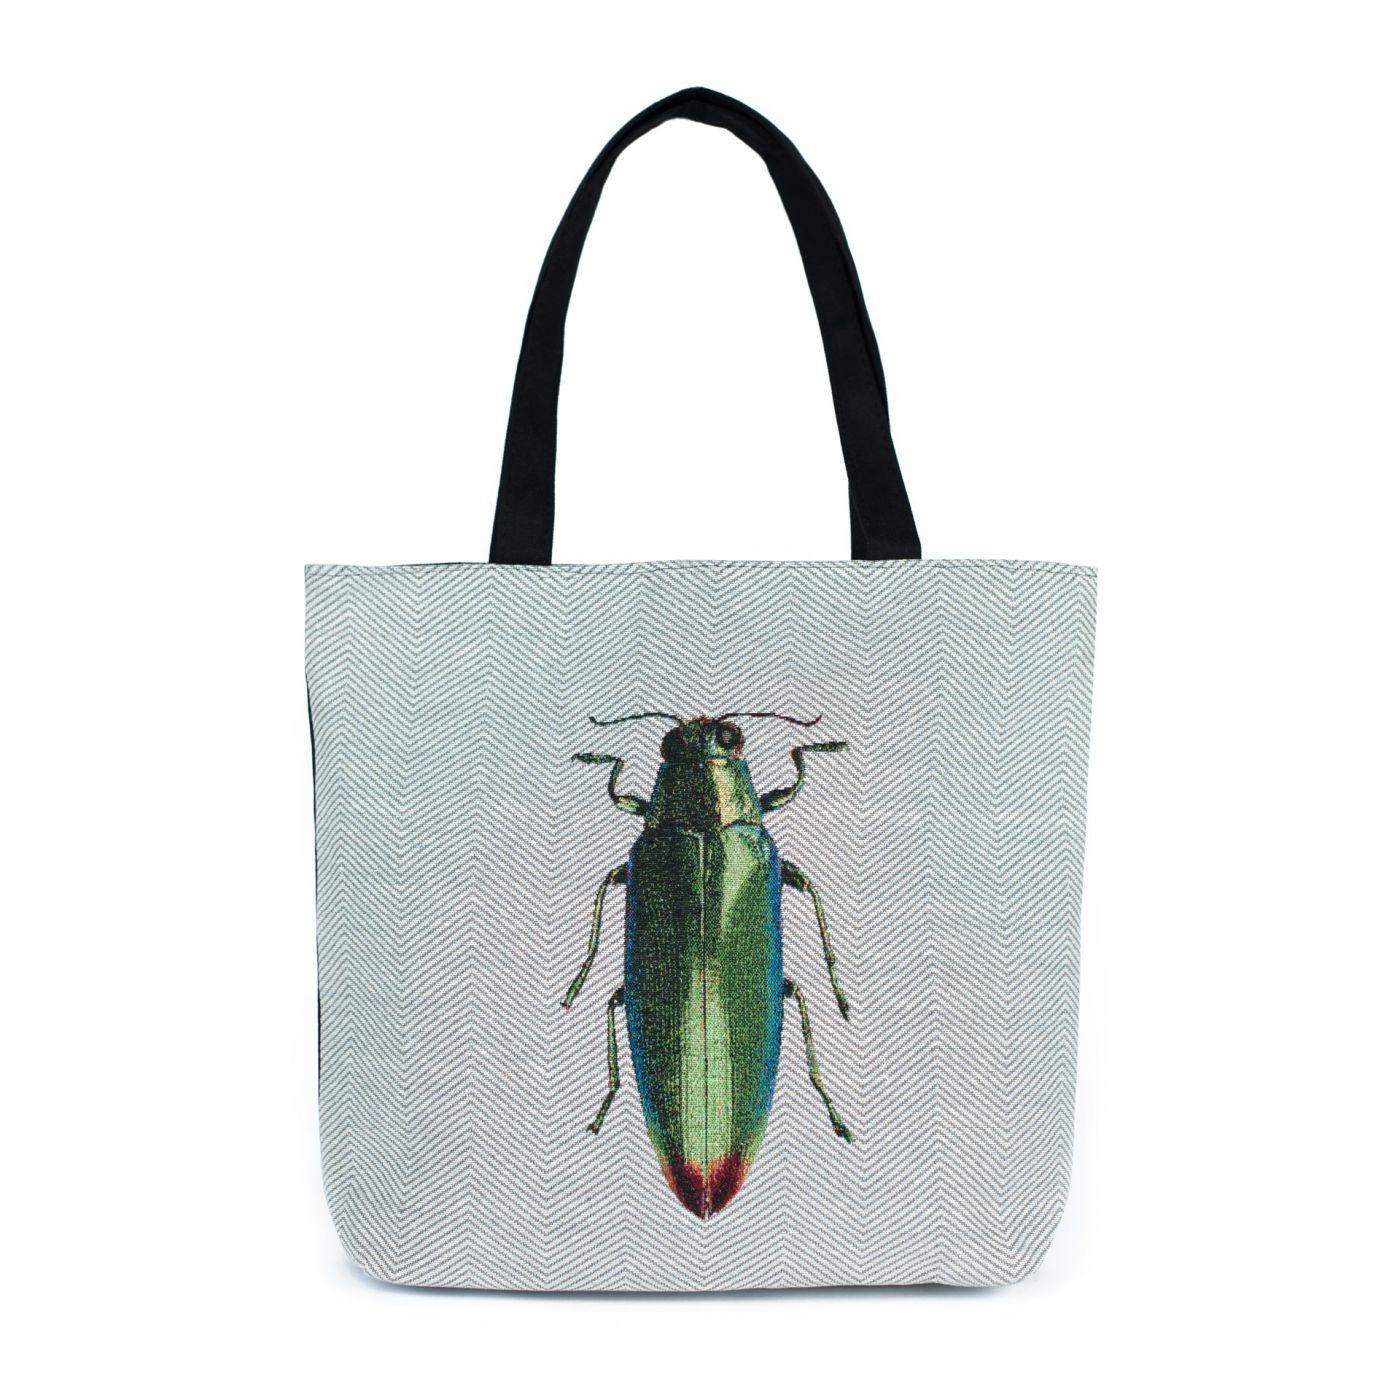 Art Of Polo Woman's Bag tr20224